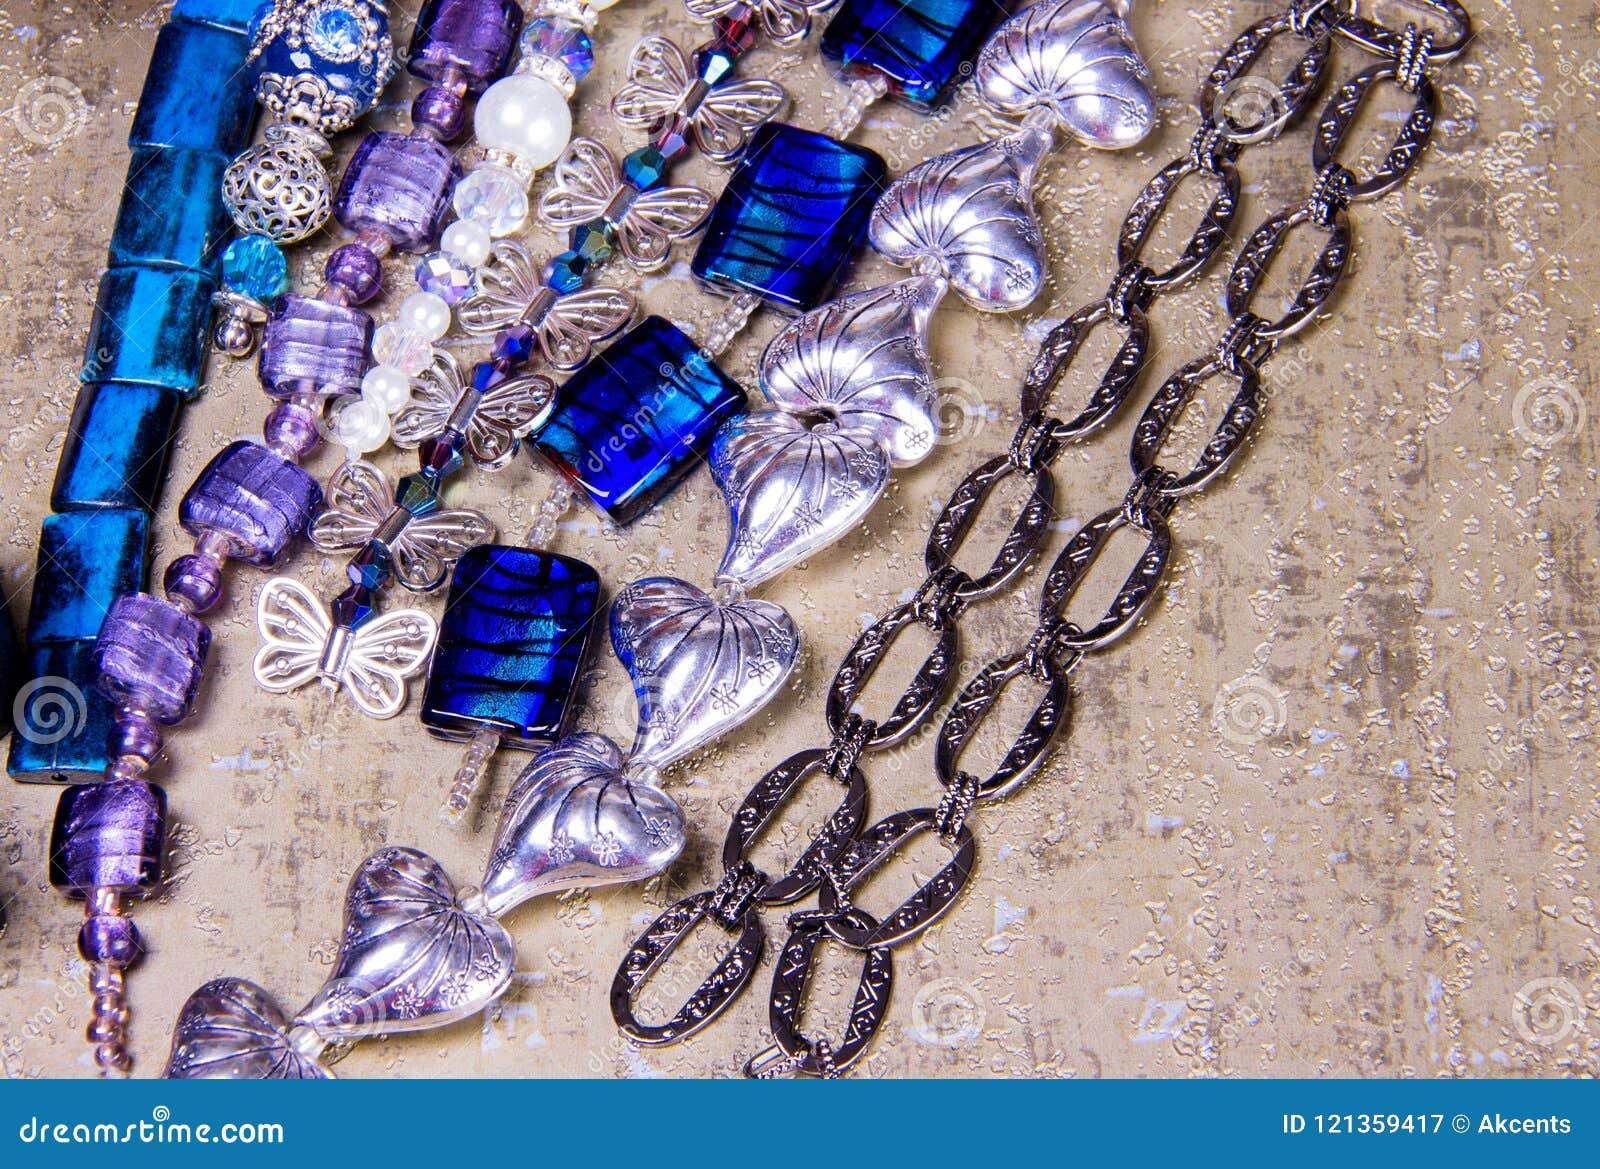 Zusammengebaute Perlen und Ketten in der kurzen Armbandlänge auf goldenem Hintergrund